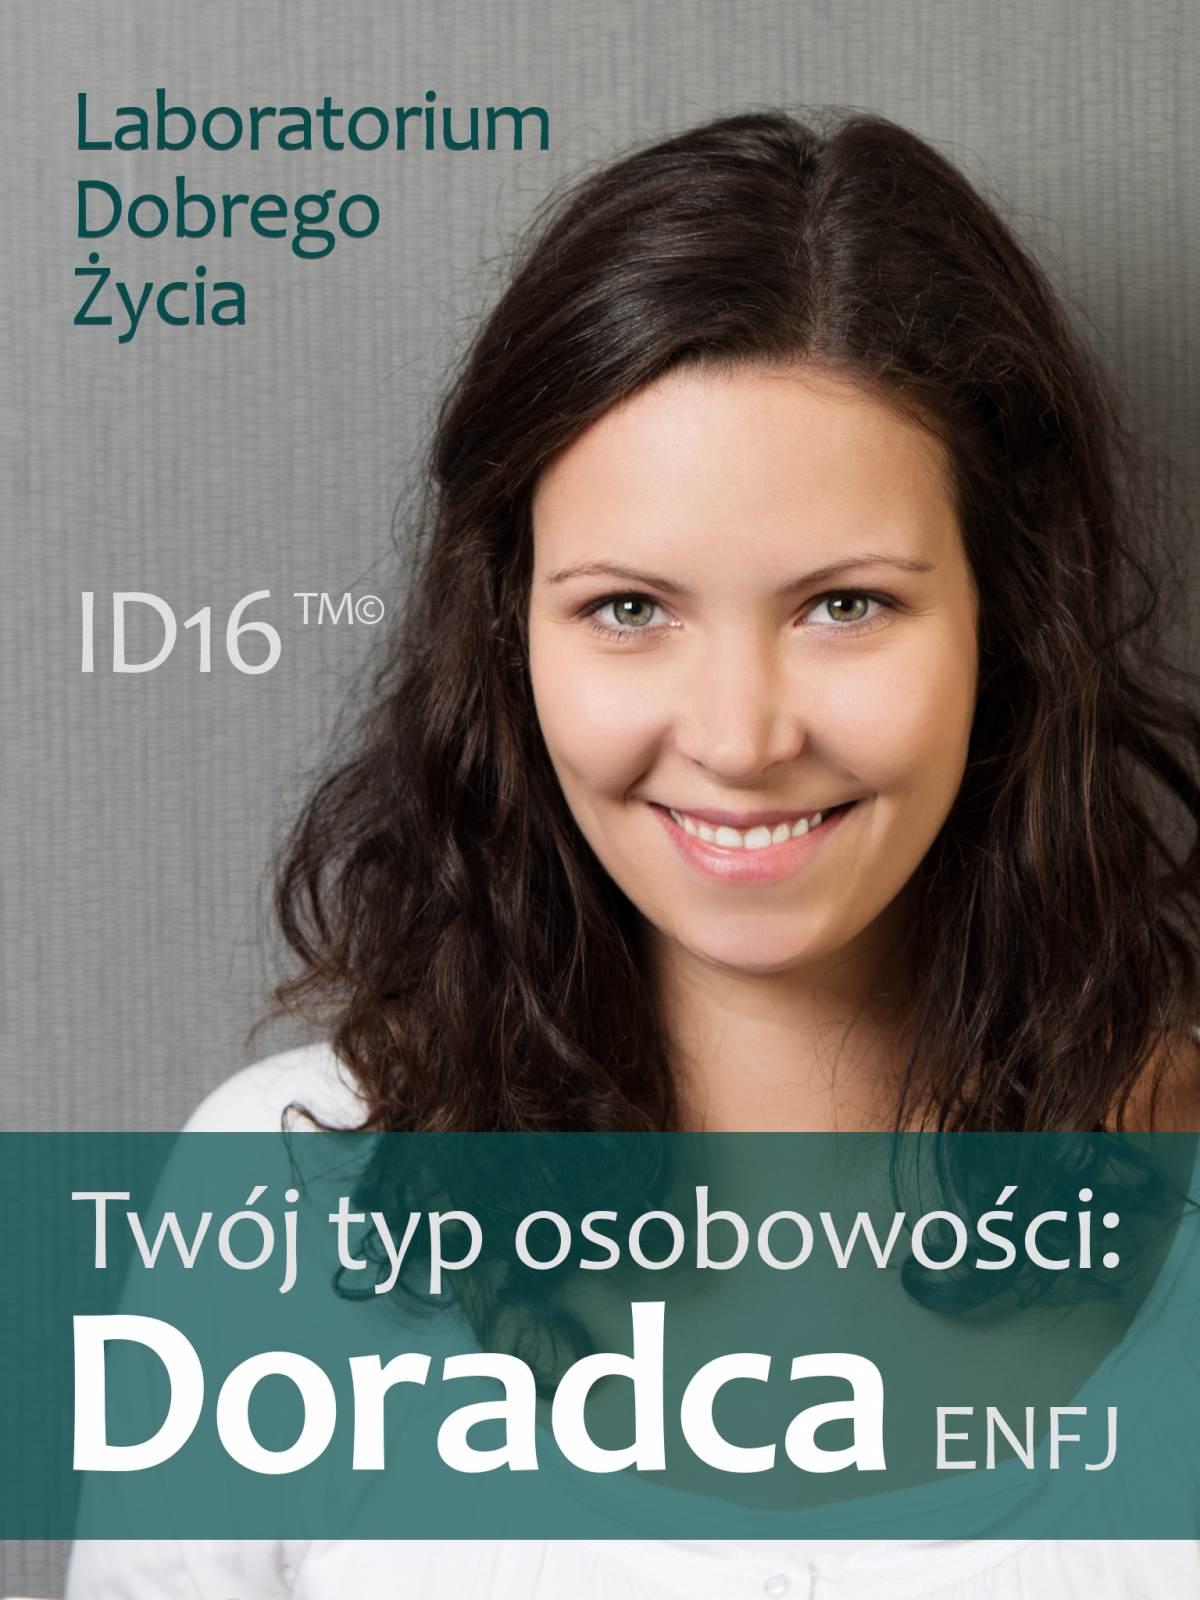 Twój typ osobowości: Doradca (ENFJ) - Ebook (Książka PDF) do pobrania w formacie PDF